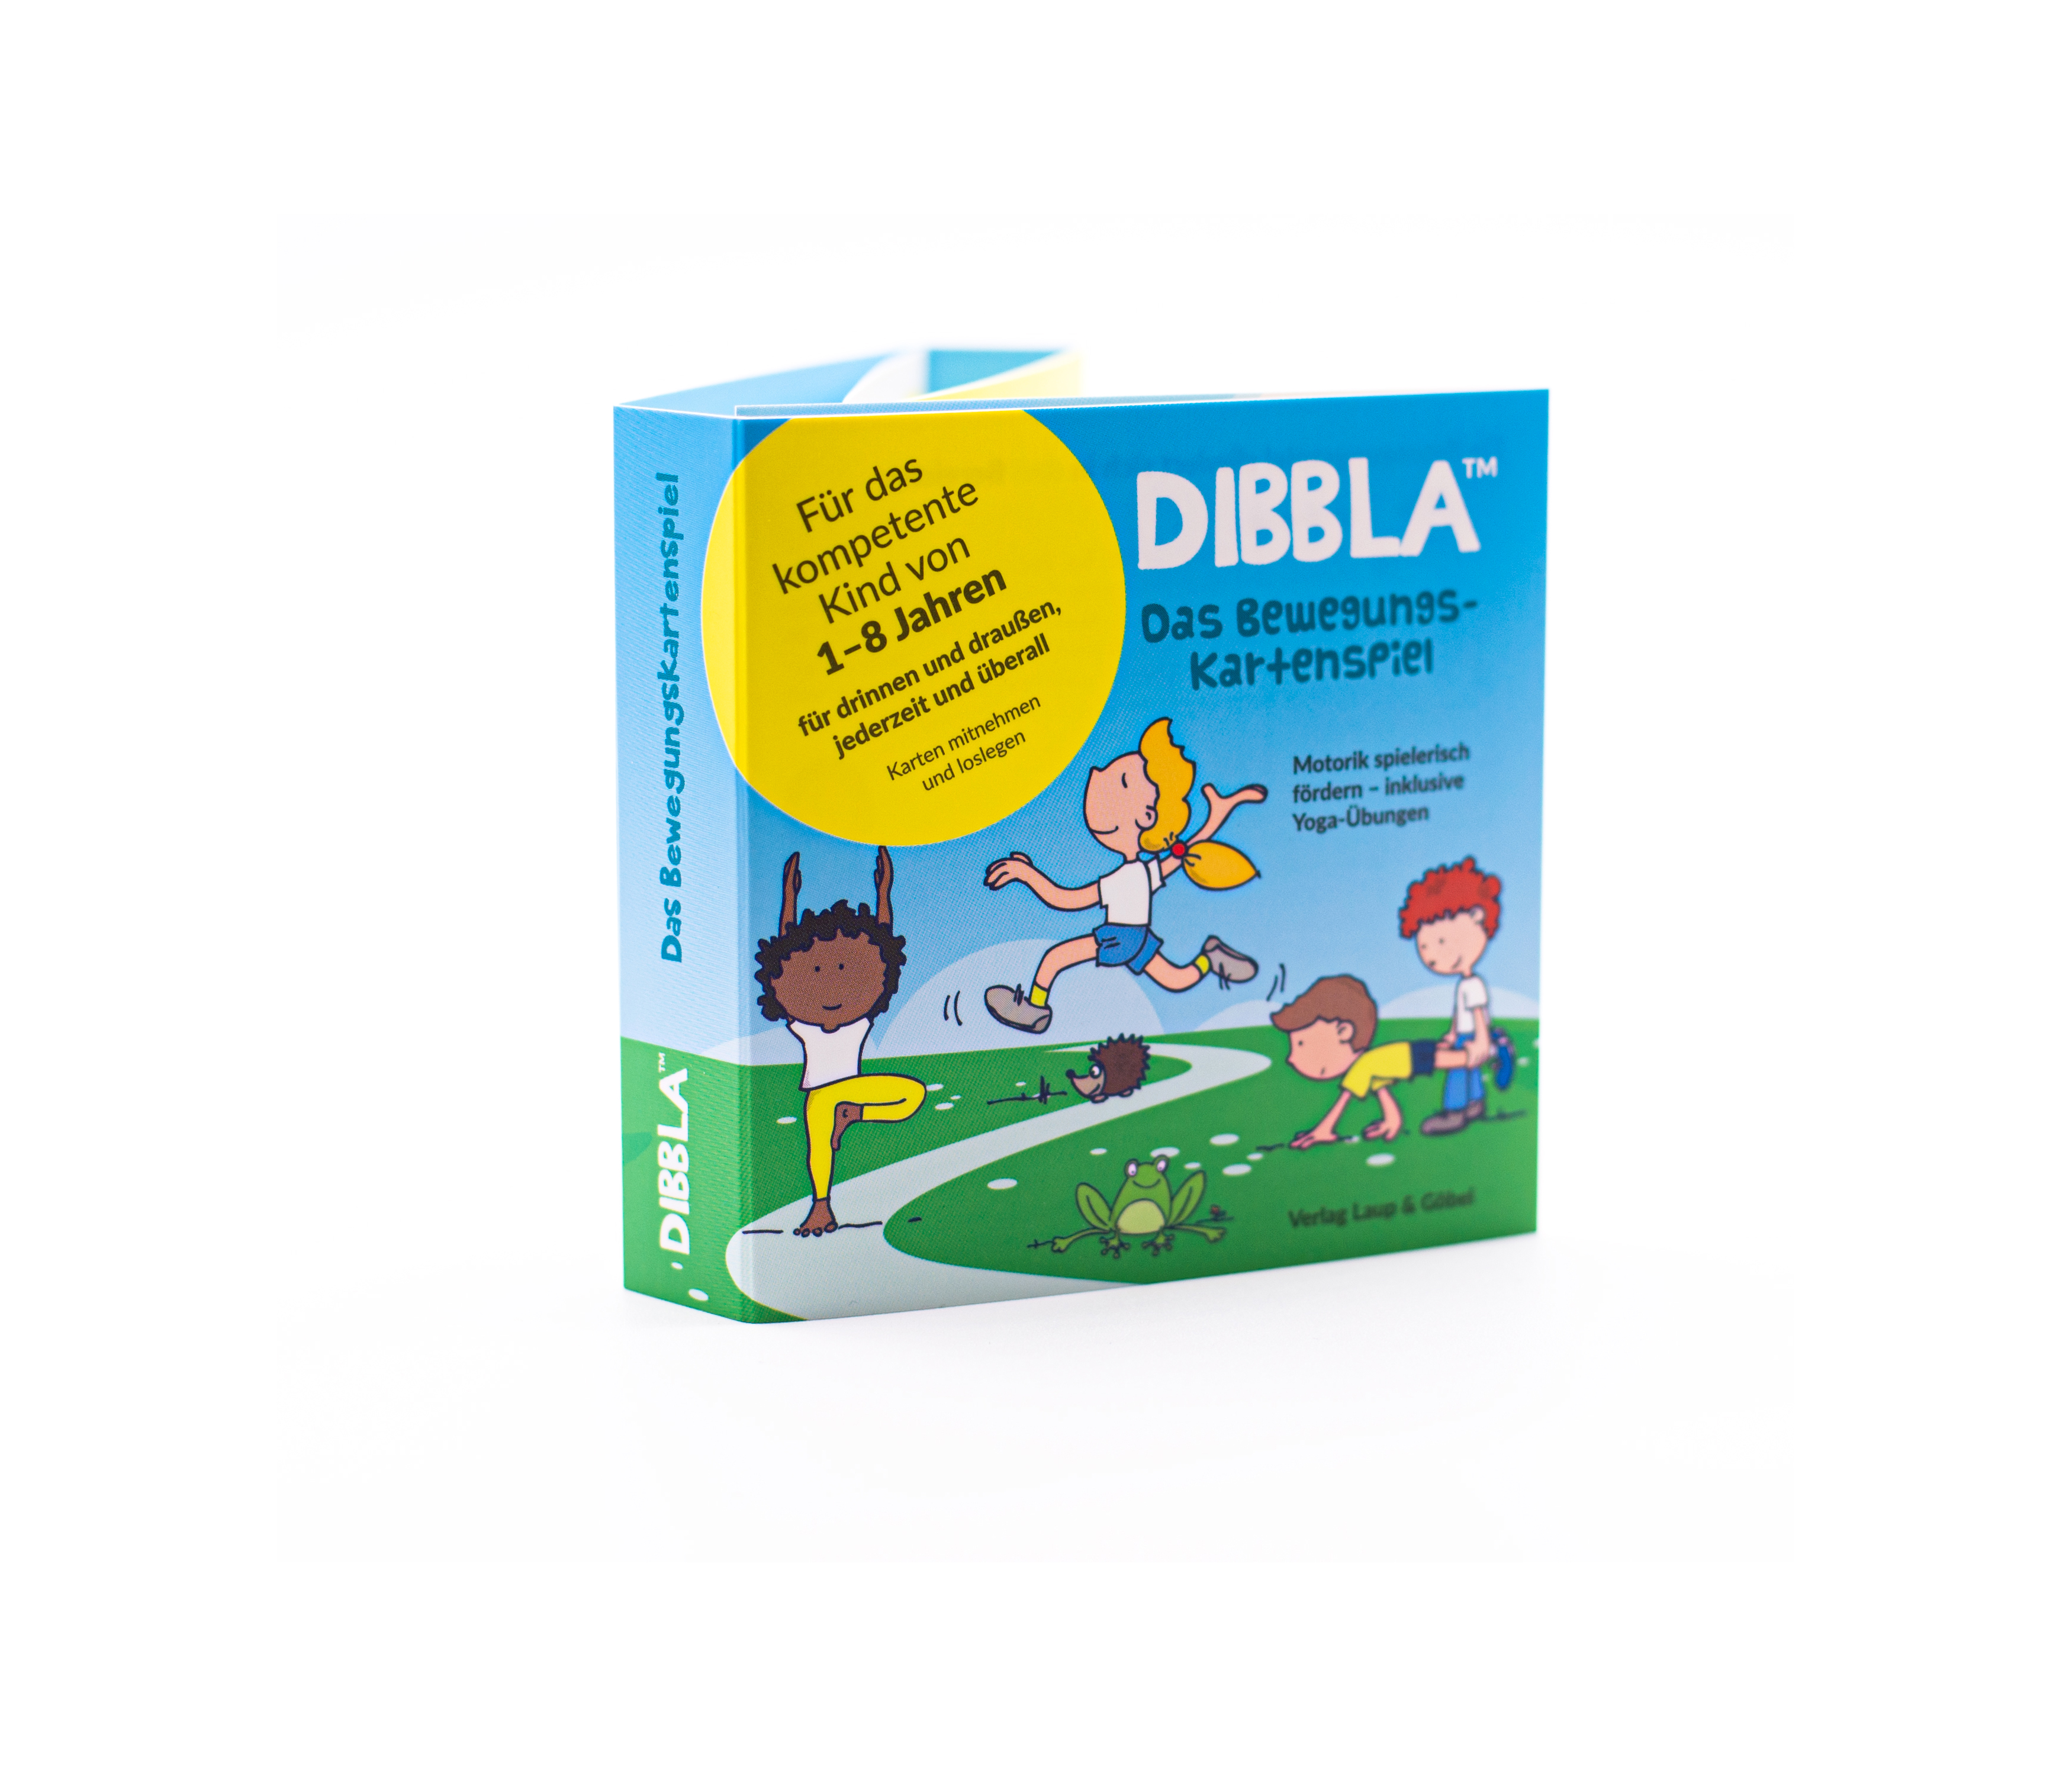 DIBBLA – Das Bewegungskartenspiel